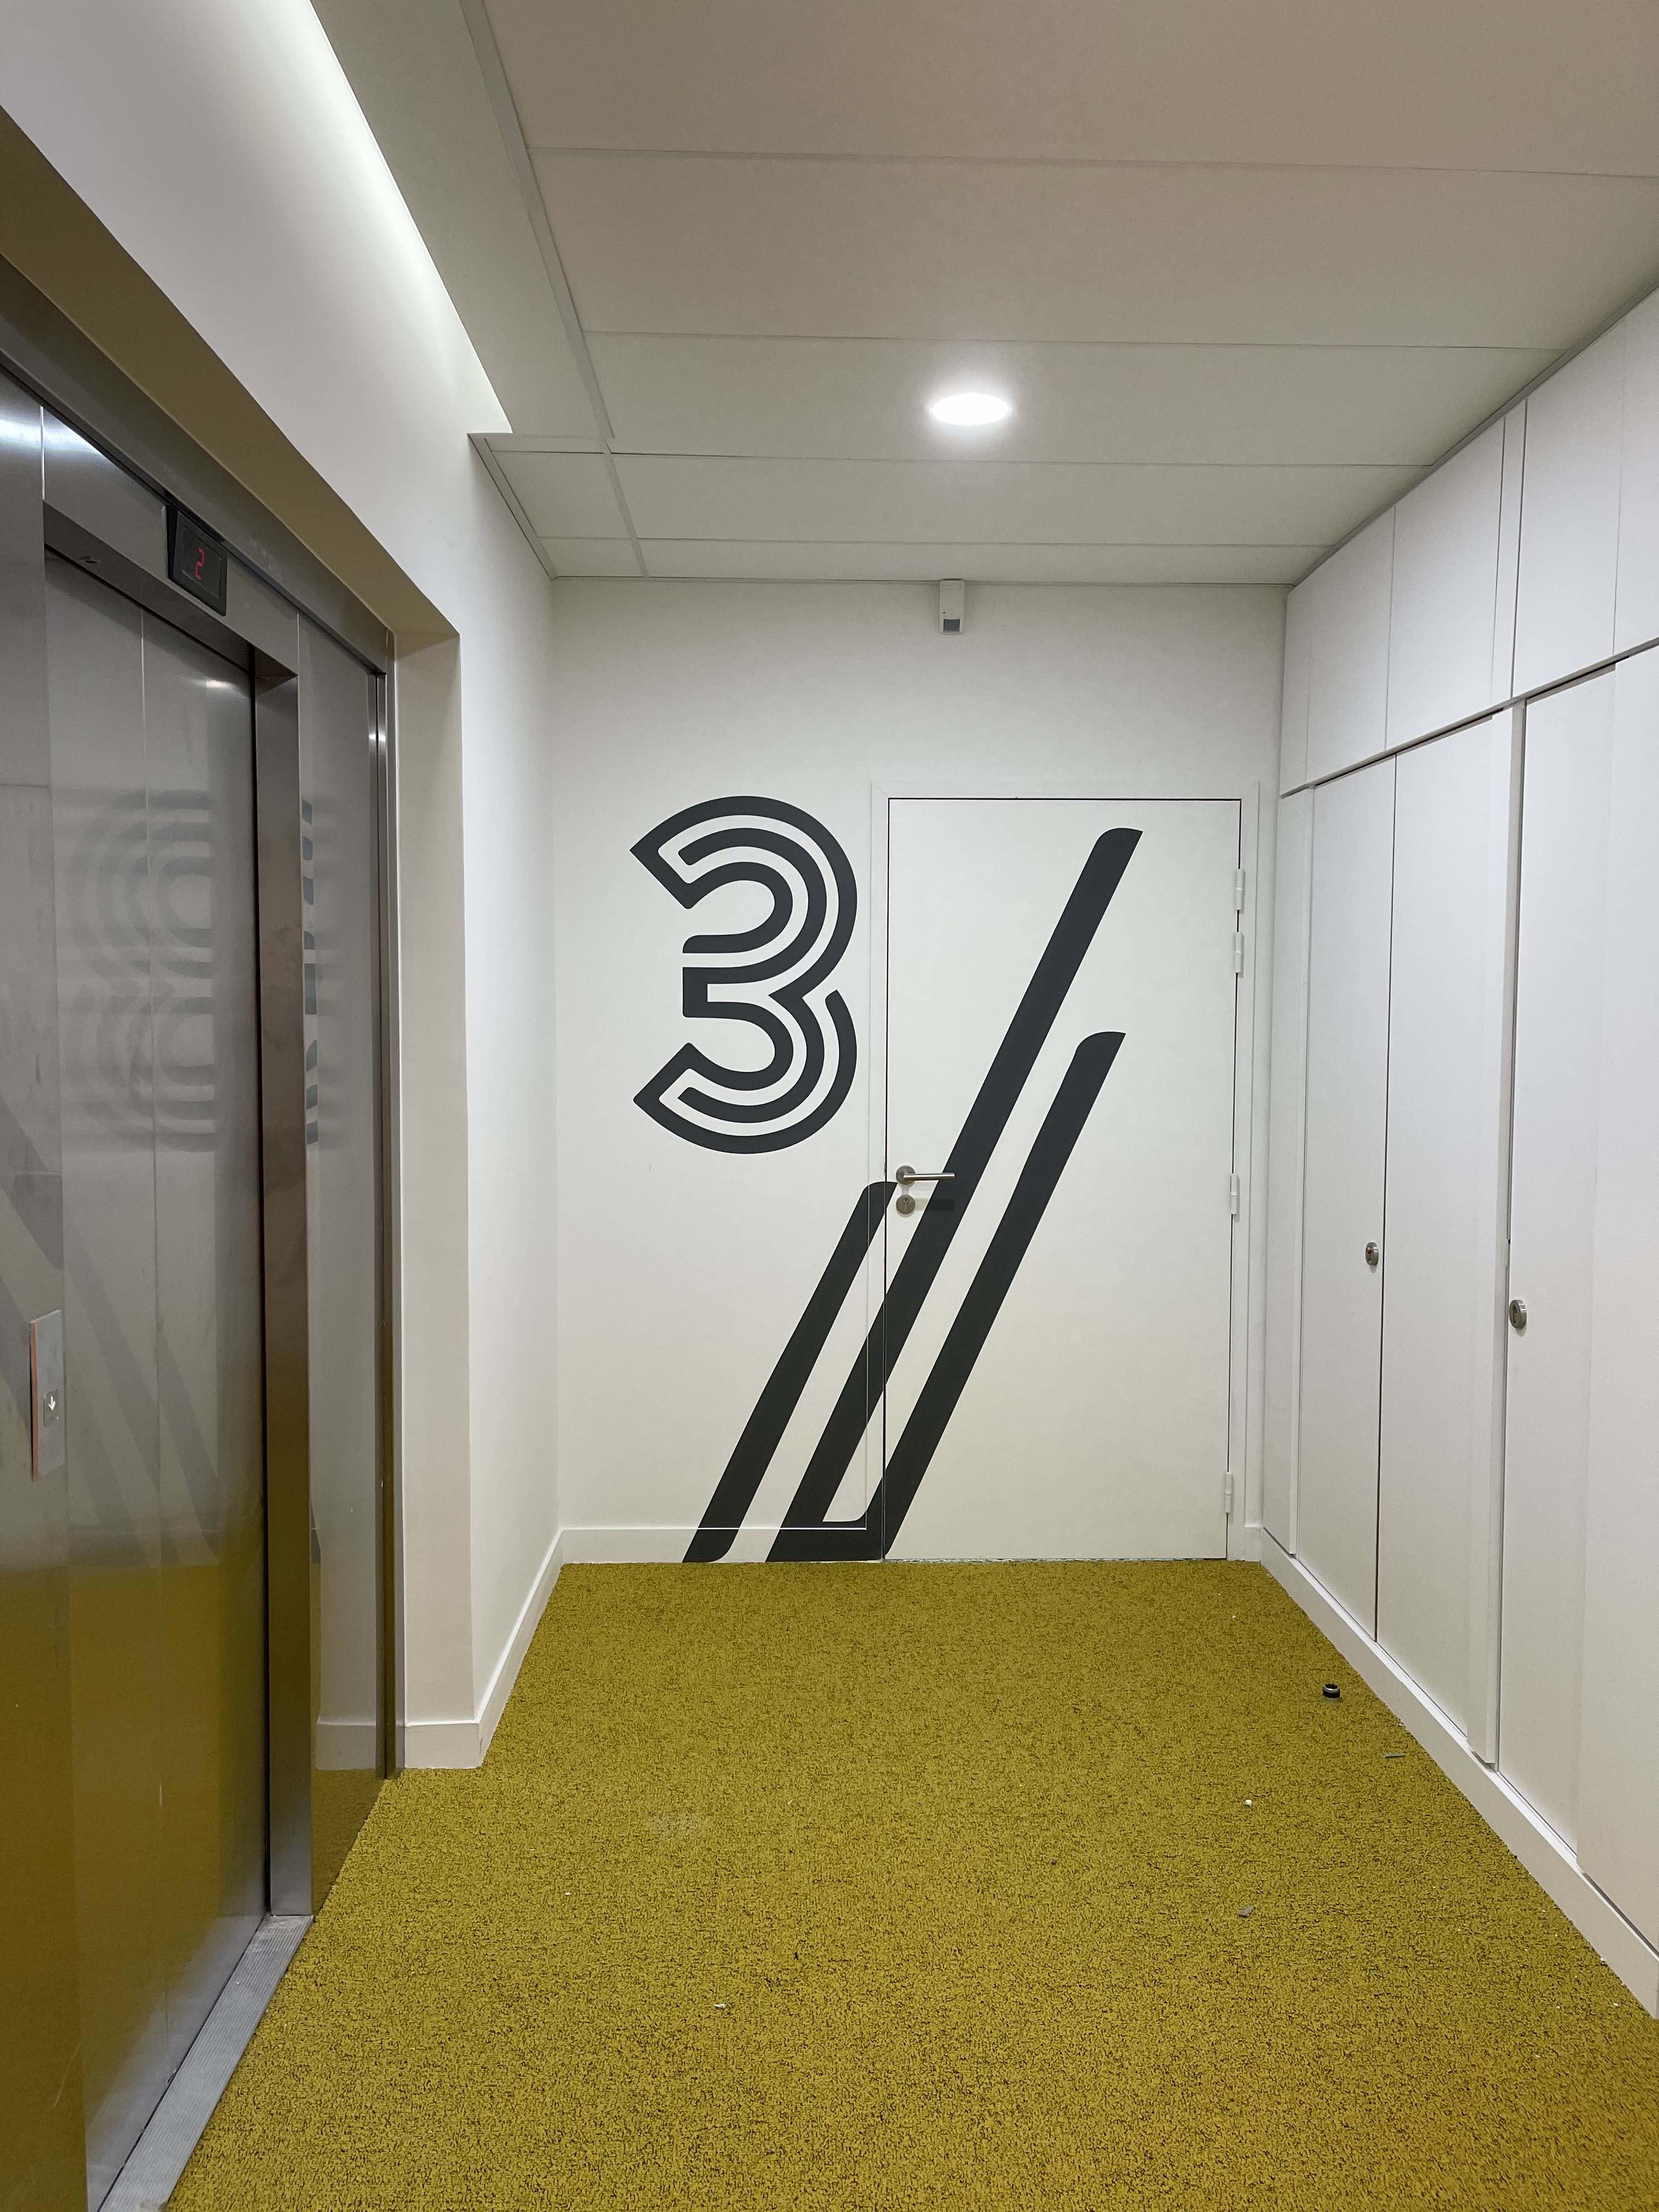 Project image for Signalétique efficace, dynamique et décorative / Efficient, dynamic and decorative signage